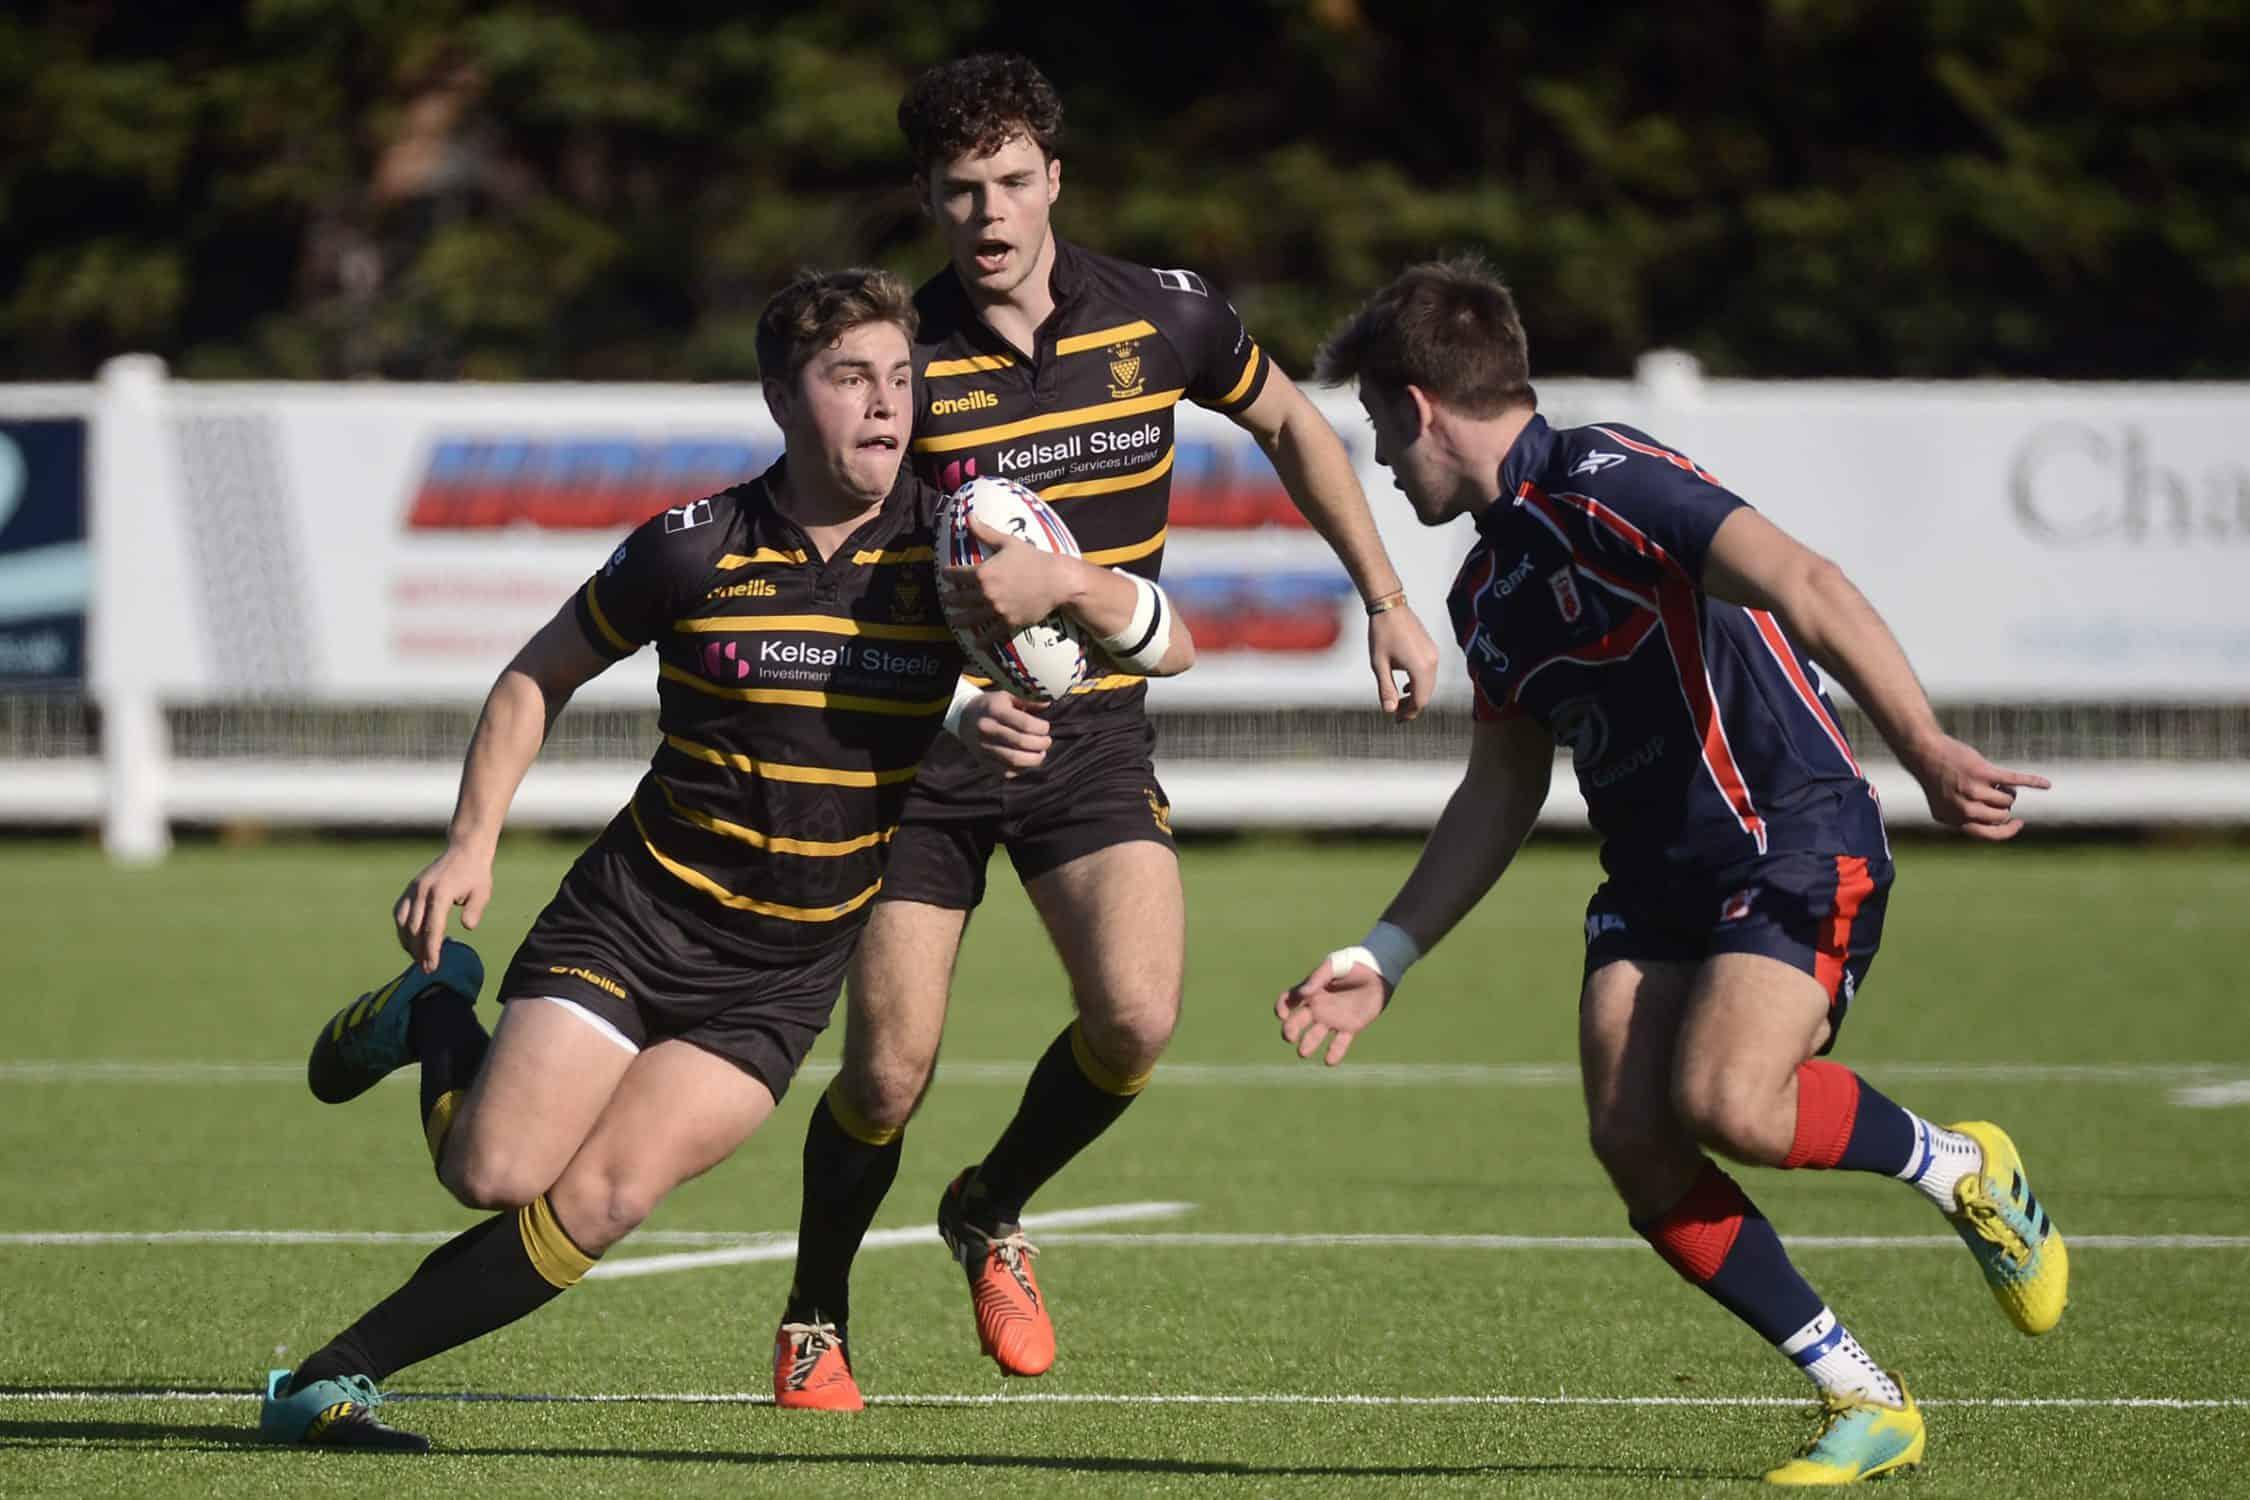 Hampshire U20s v Cornwall U20s